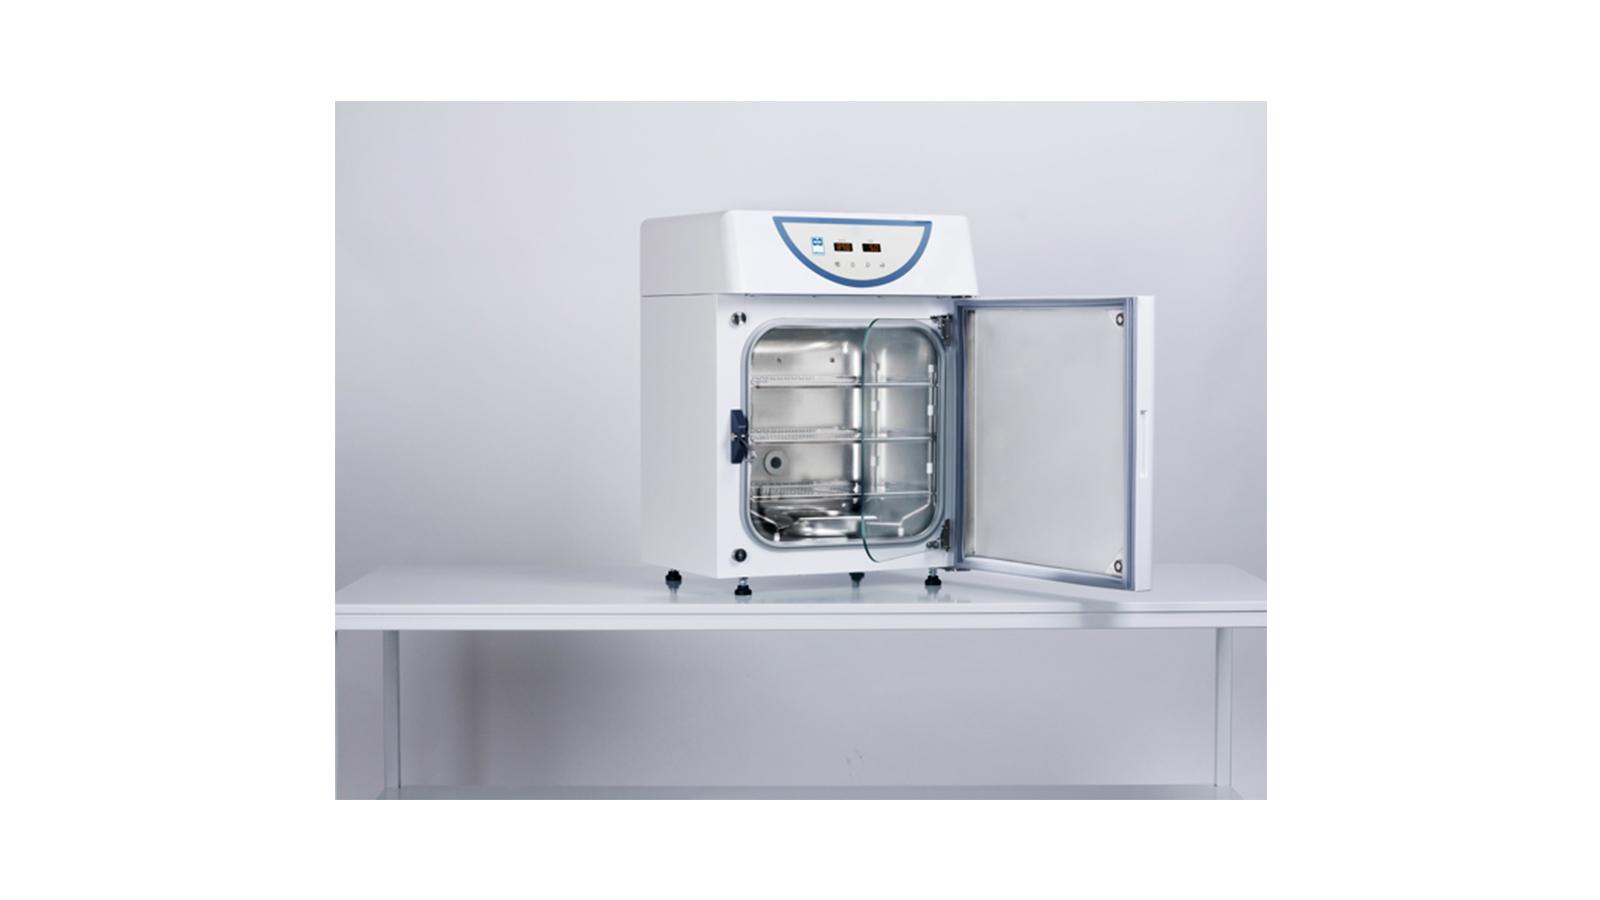 Co2cell 50 - Standart || Merlab Laboratuvar Ekipmanları